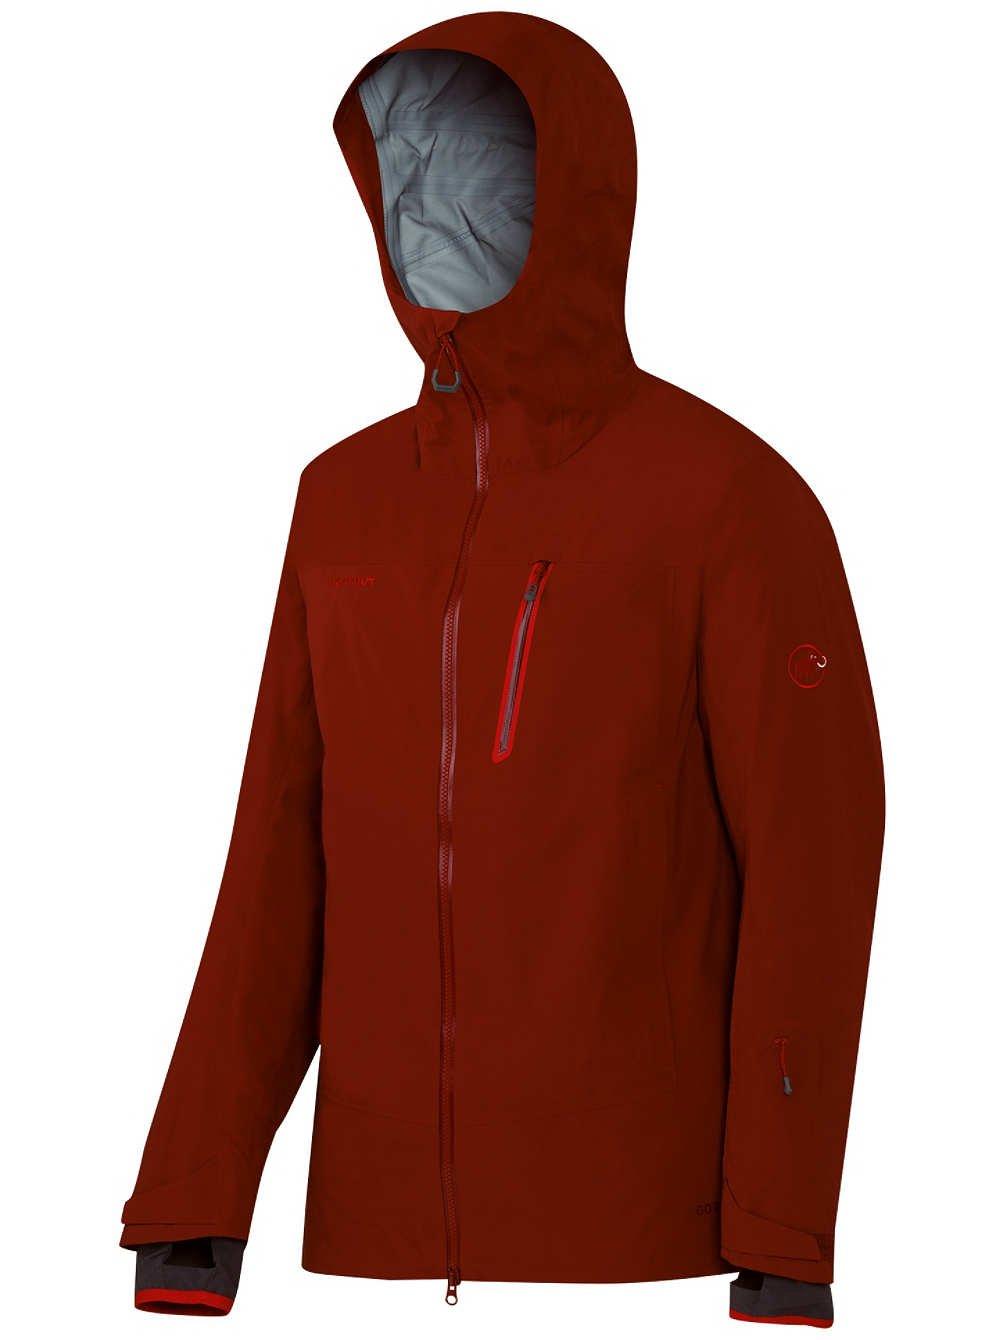 福袋 マムート アルヴィアー HS フーデッド ジャケット メンズ Alvier HS HS XXL アルヴィアー Hooded Jacket Men 3389/maroon 1010-18600 B01DYI3MJU XXL|maroon maroon XXL, 八女郡:c9d99cfc --- pizzaovens4u.com